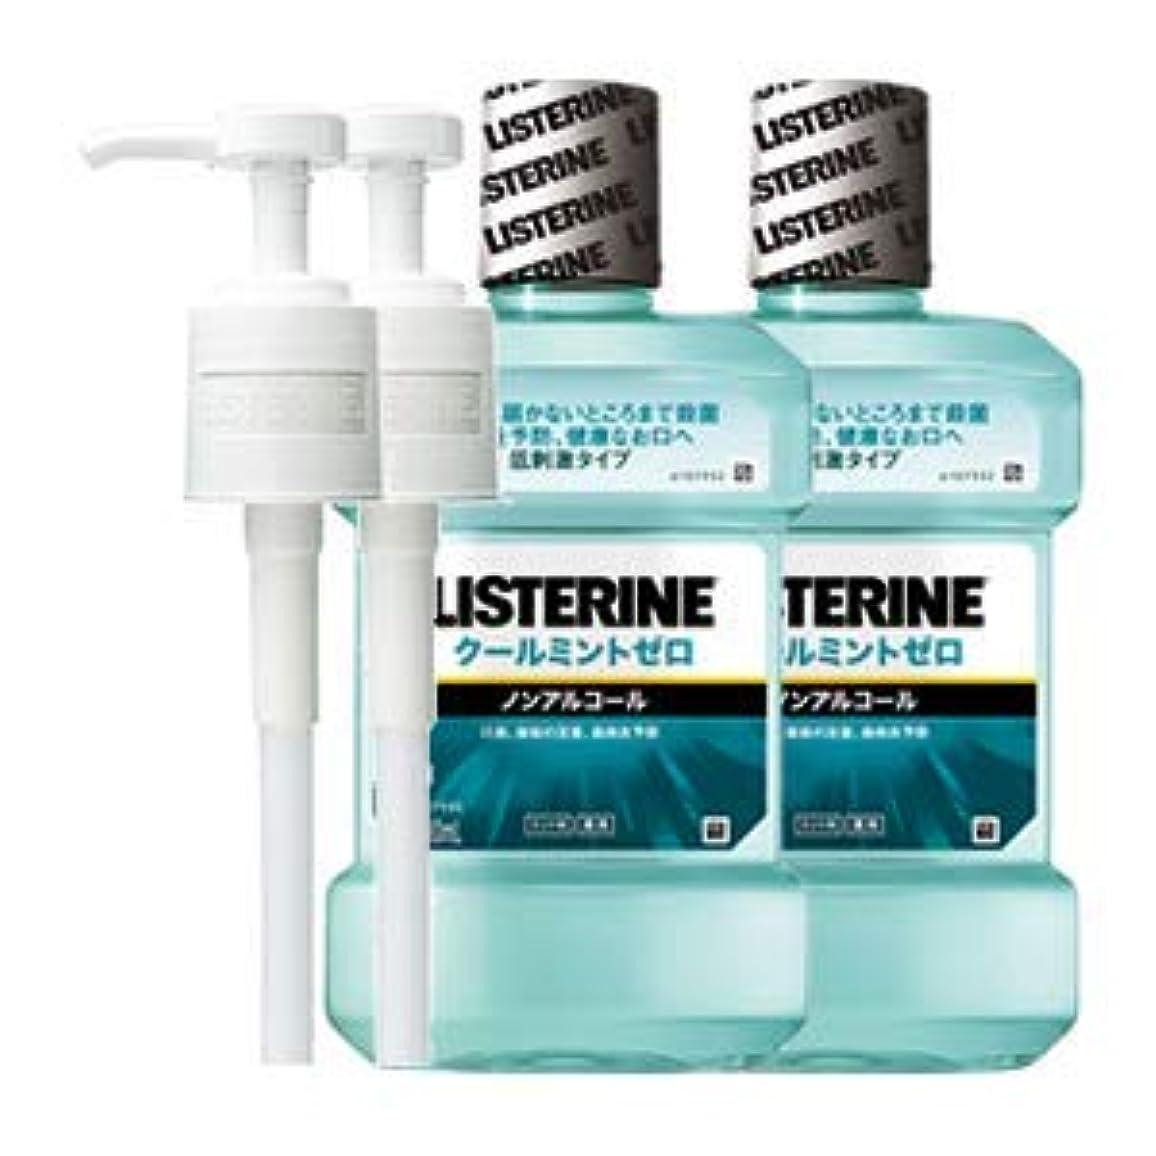 駐地バイナリシンカン薬用 リステリン クールミント ゼロ (マウスウォッシュ/洗口液) 1000mL 2点セット (ポンプ付)